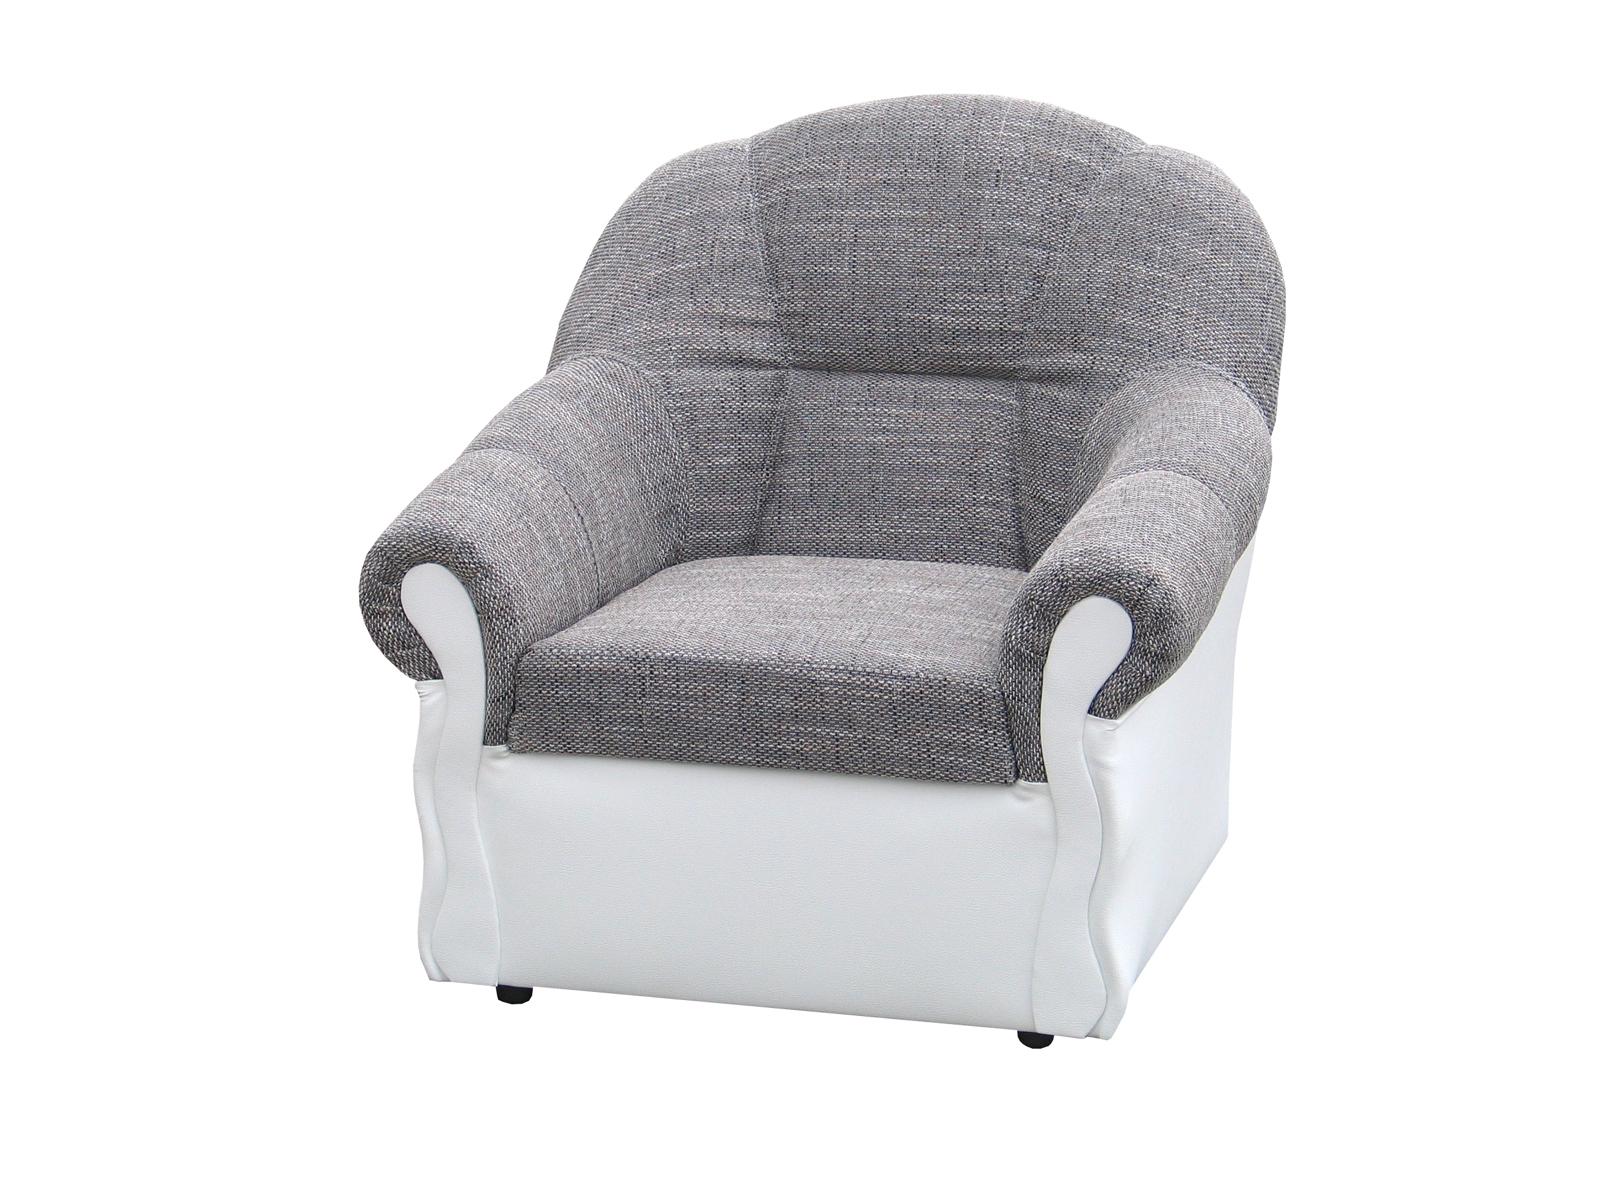 Křeslo - Posed - Forza (šedá + bílá)